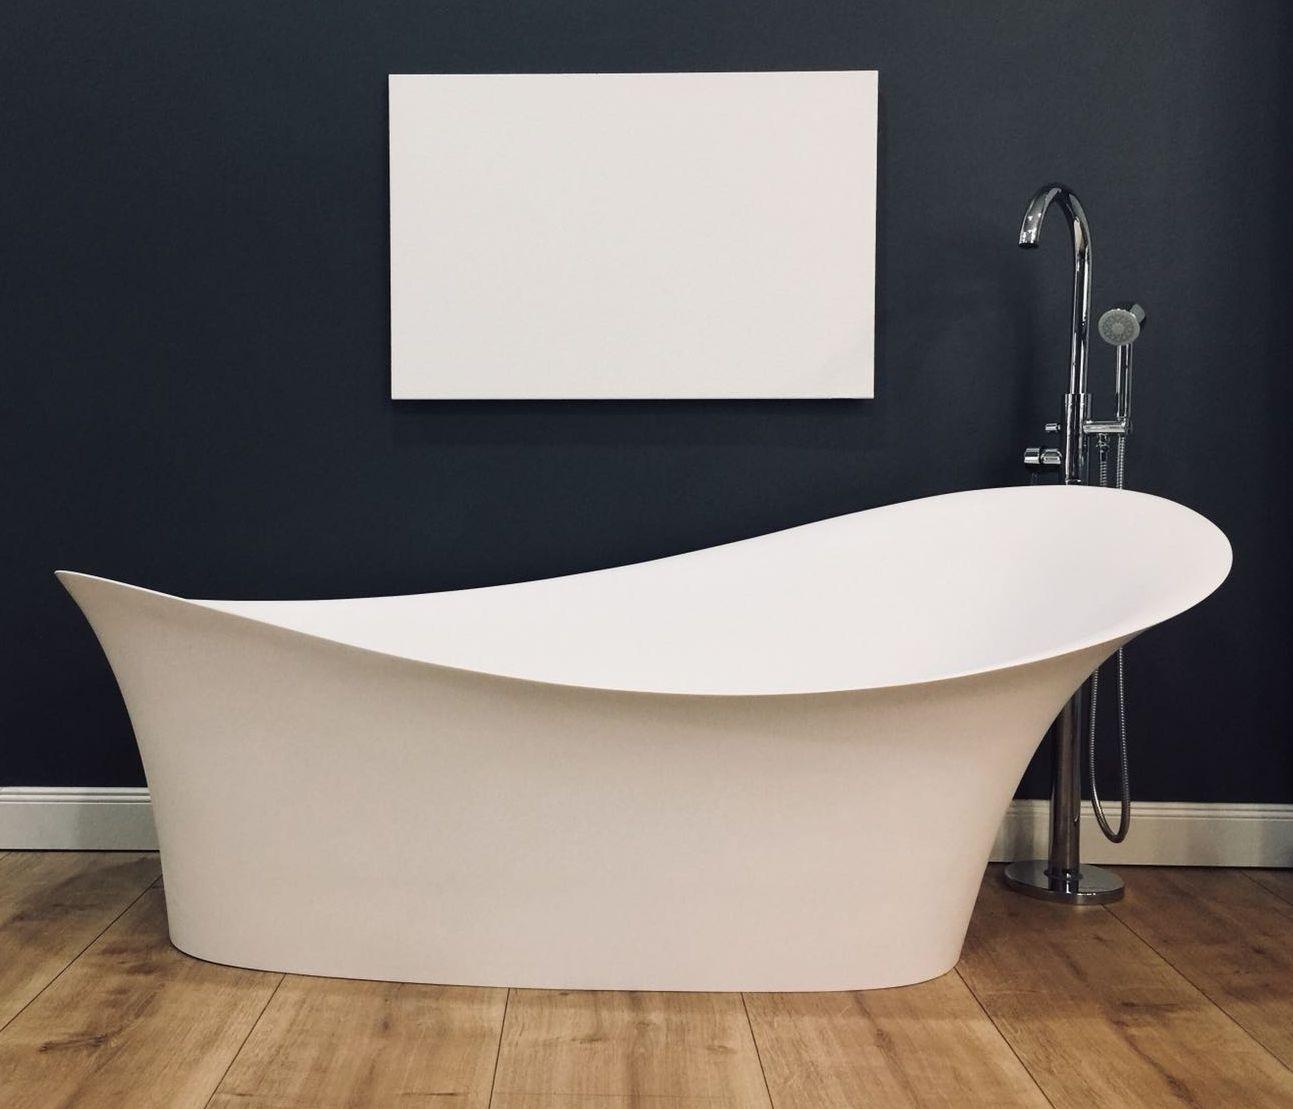 Diese Und Viele Weitere Artikel Finden Sie In Unserem Showroom In Berlin Https Www Classicandstone Com Archtecture Badewanne Wanne Freistehende Badewanne